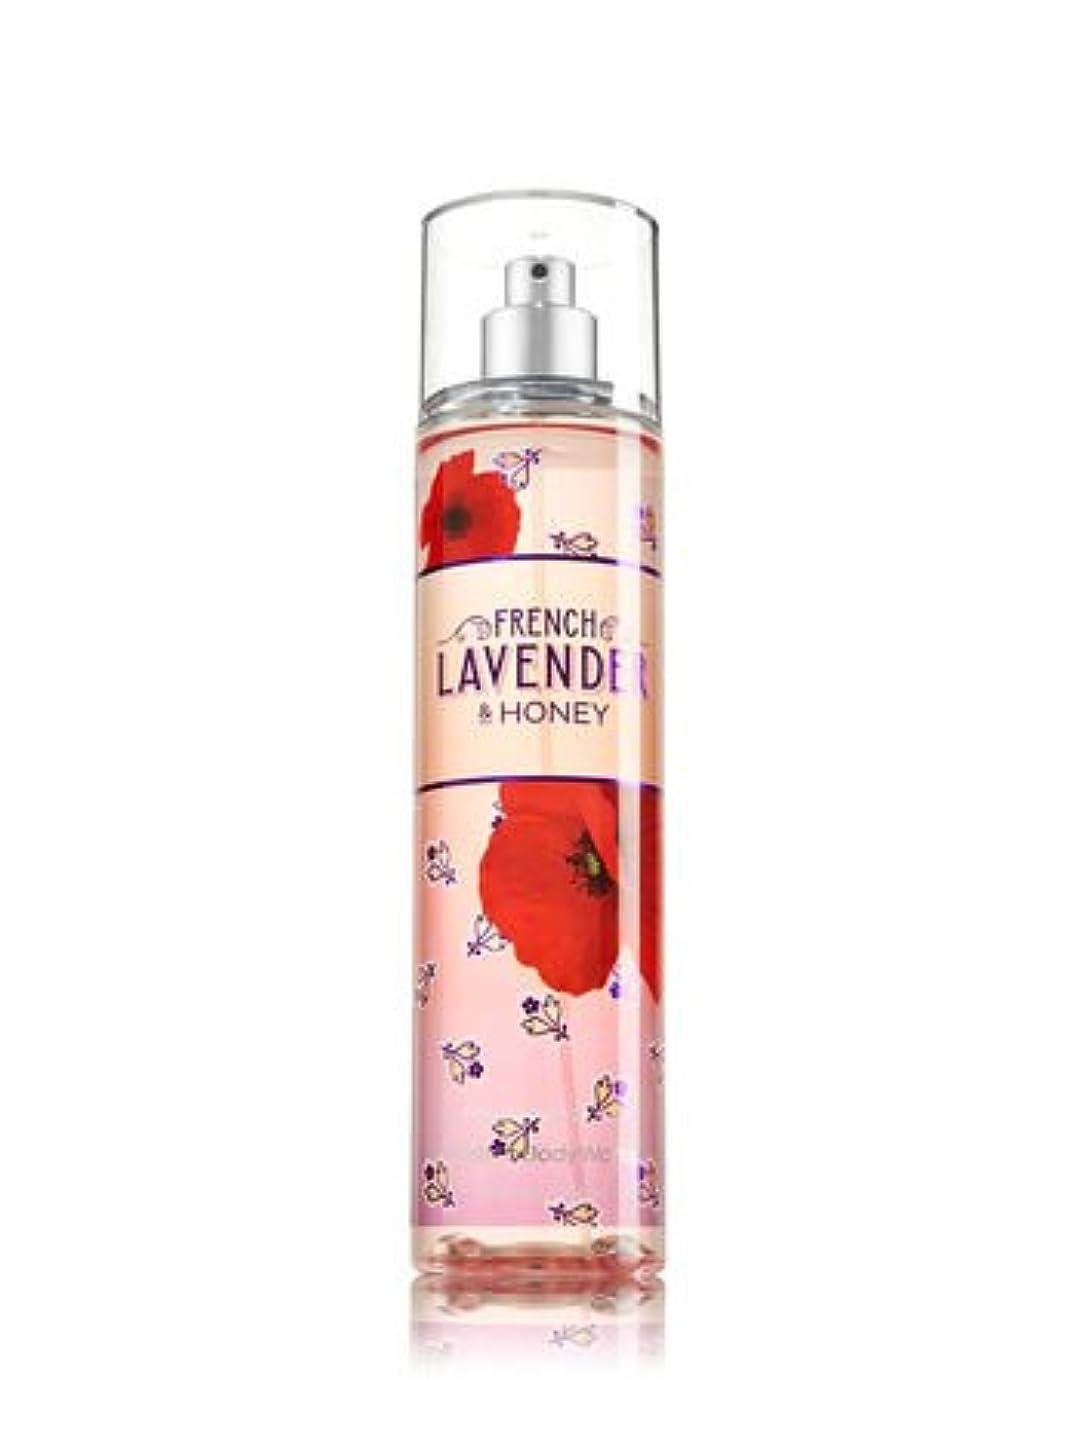 表向き怪物必要としている【Bath&Body Works/バス&ボディワークス】 ファインフレグランスミスト フレンチラベンダー&ハニー Fine Fragrance Mist French Lavender & Honey 8oz (236ml) [並行輸入品]